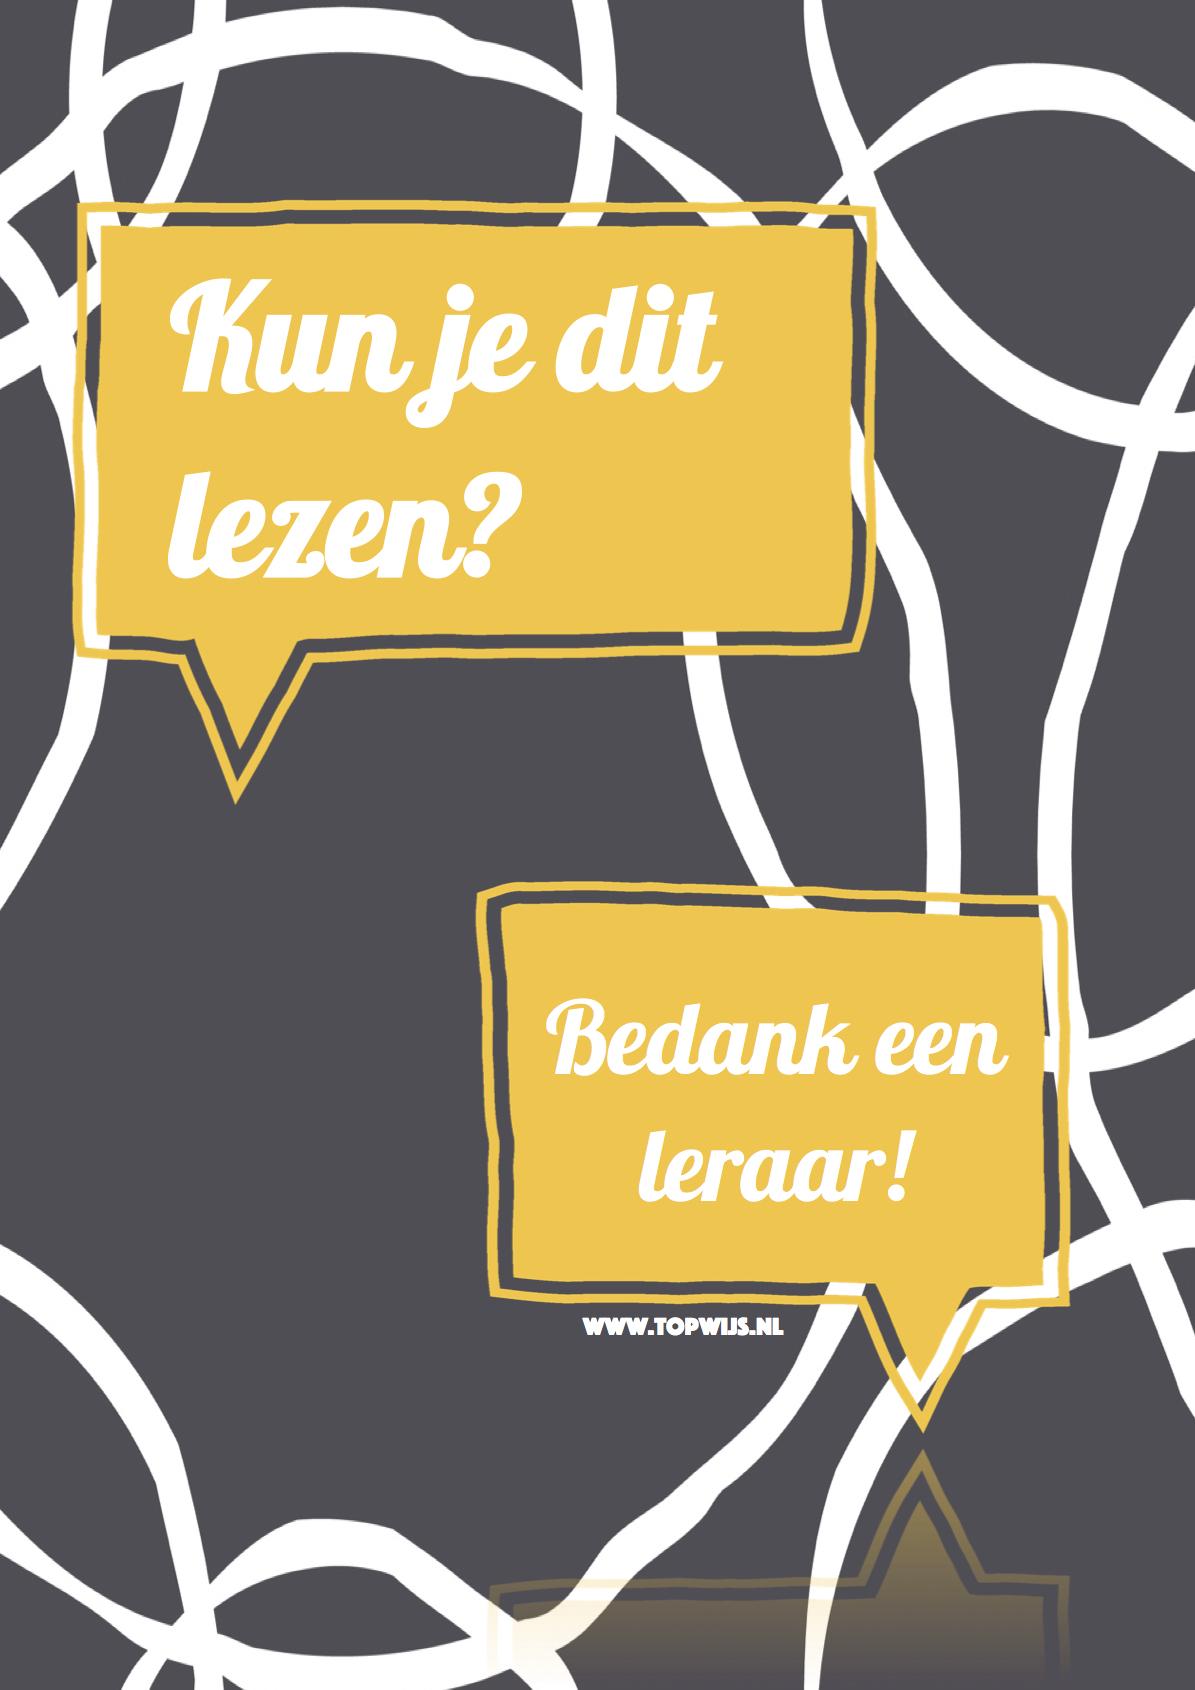 kun je dit lezen? www.topwijs.nl